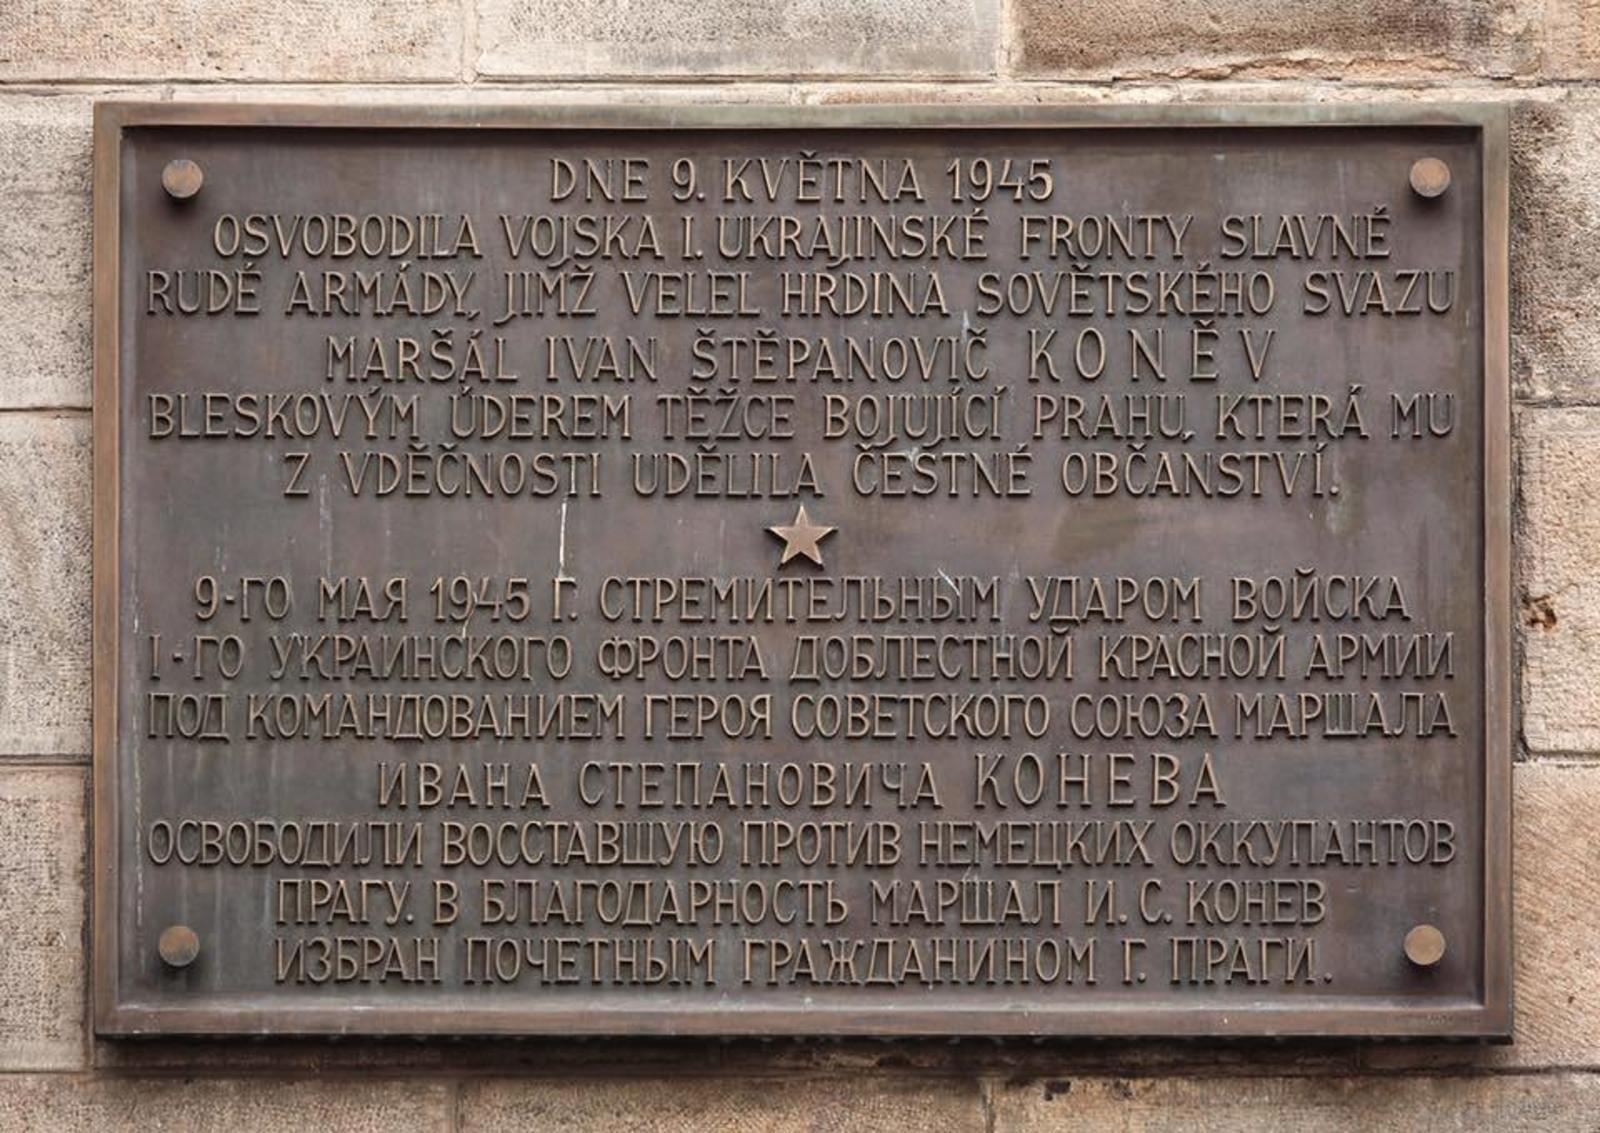 Текст доски полностью соответствует исторической действительности, тогда как ее символическое значение остается неизменным, заявили в посольстве РФ в Чехии / Фотография из Facebook посольства РФ в Чехии (https://www.facebook.com/AmbRusCz/)